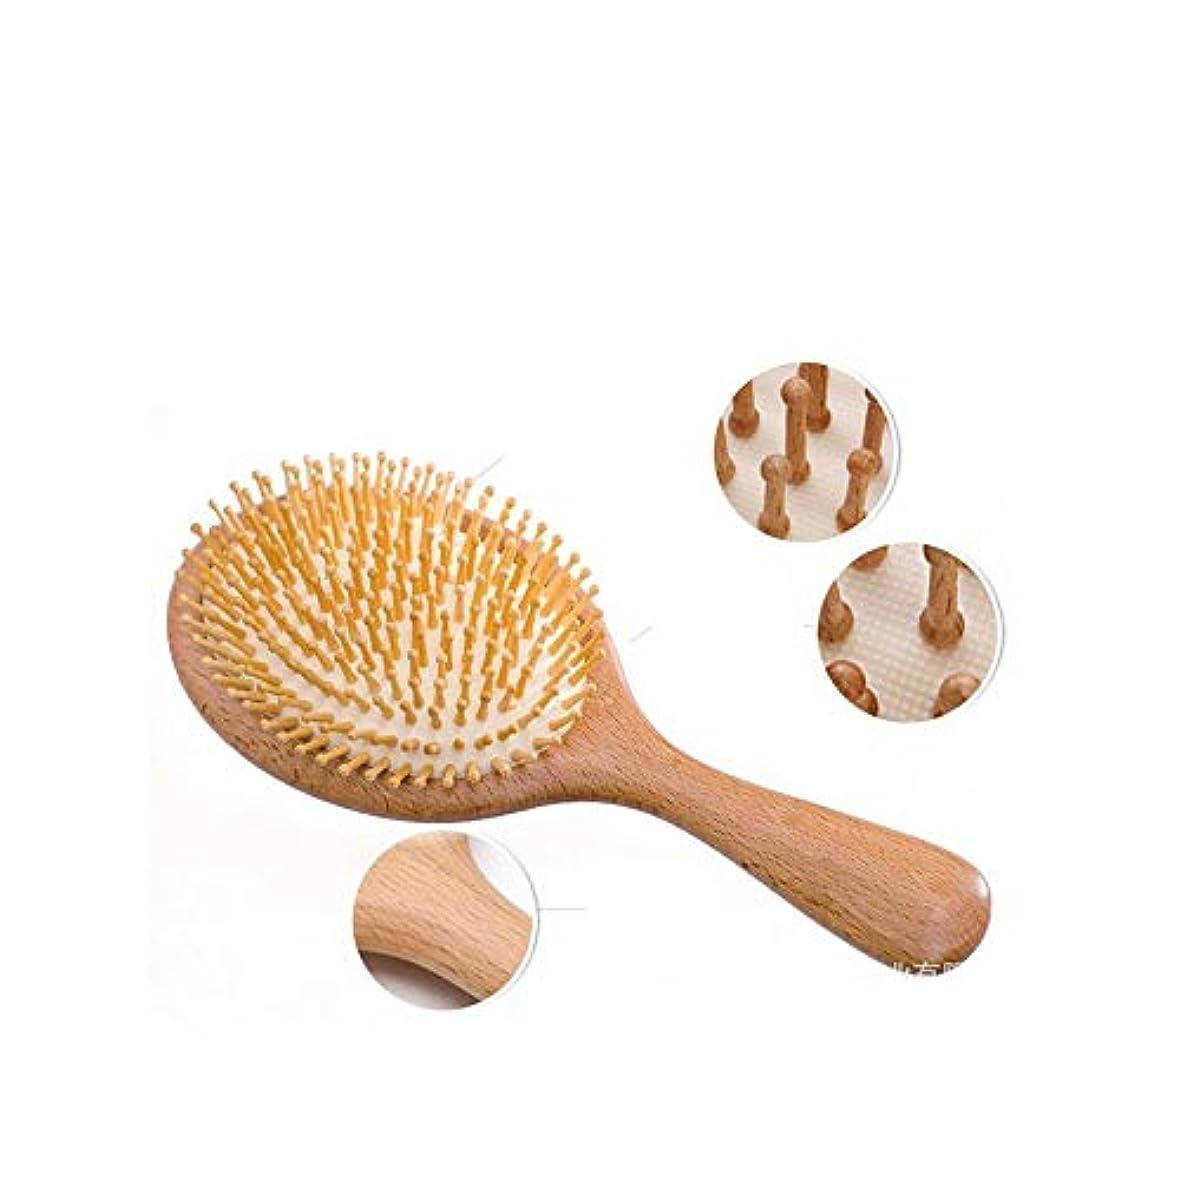 またはどちらか楽しませる壊れたFashianくしヘアブラシ静電気防止マッサージくし、すべての髪のタイプのためのブナの木のくし ヘアケア (色 : Round)